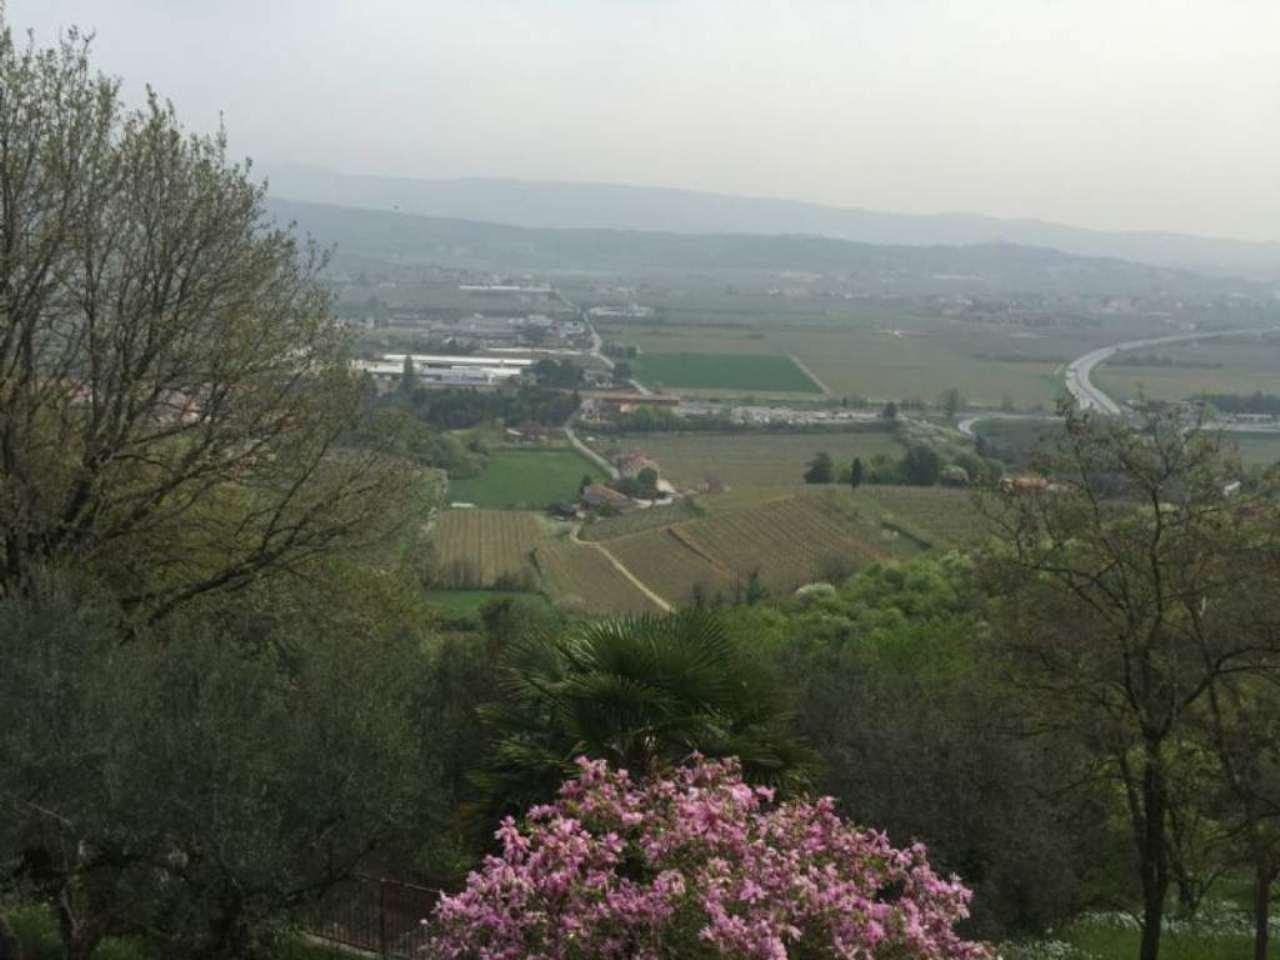 Villa in vendita a Verona, 10 locali, zona Zona: 5 . Quinzano - Pindemonte - Ponte Crencano - Valdonega - Avesa , Trattative riservate | Cambio Casa.it